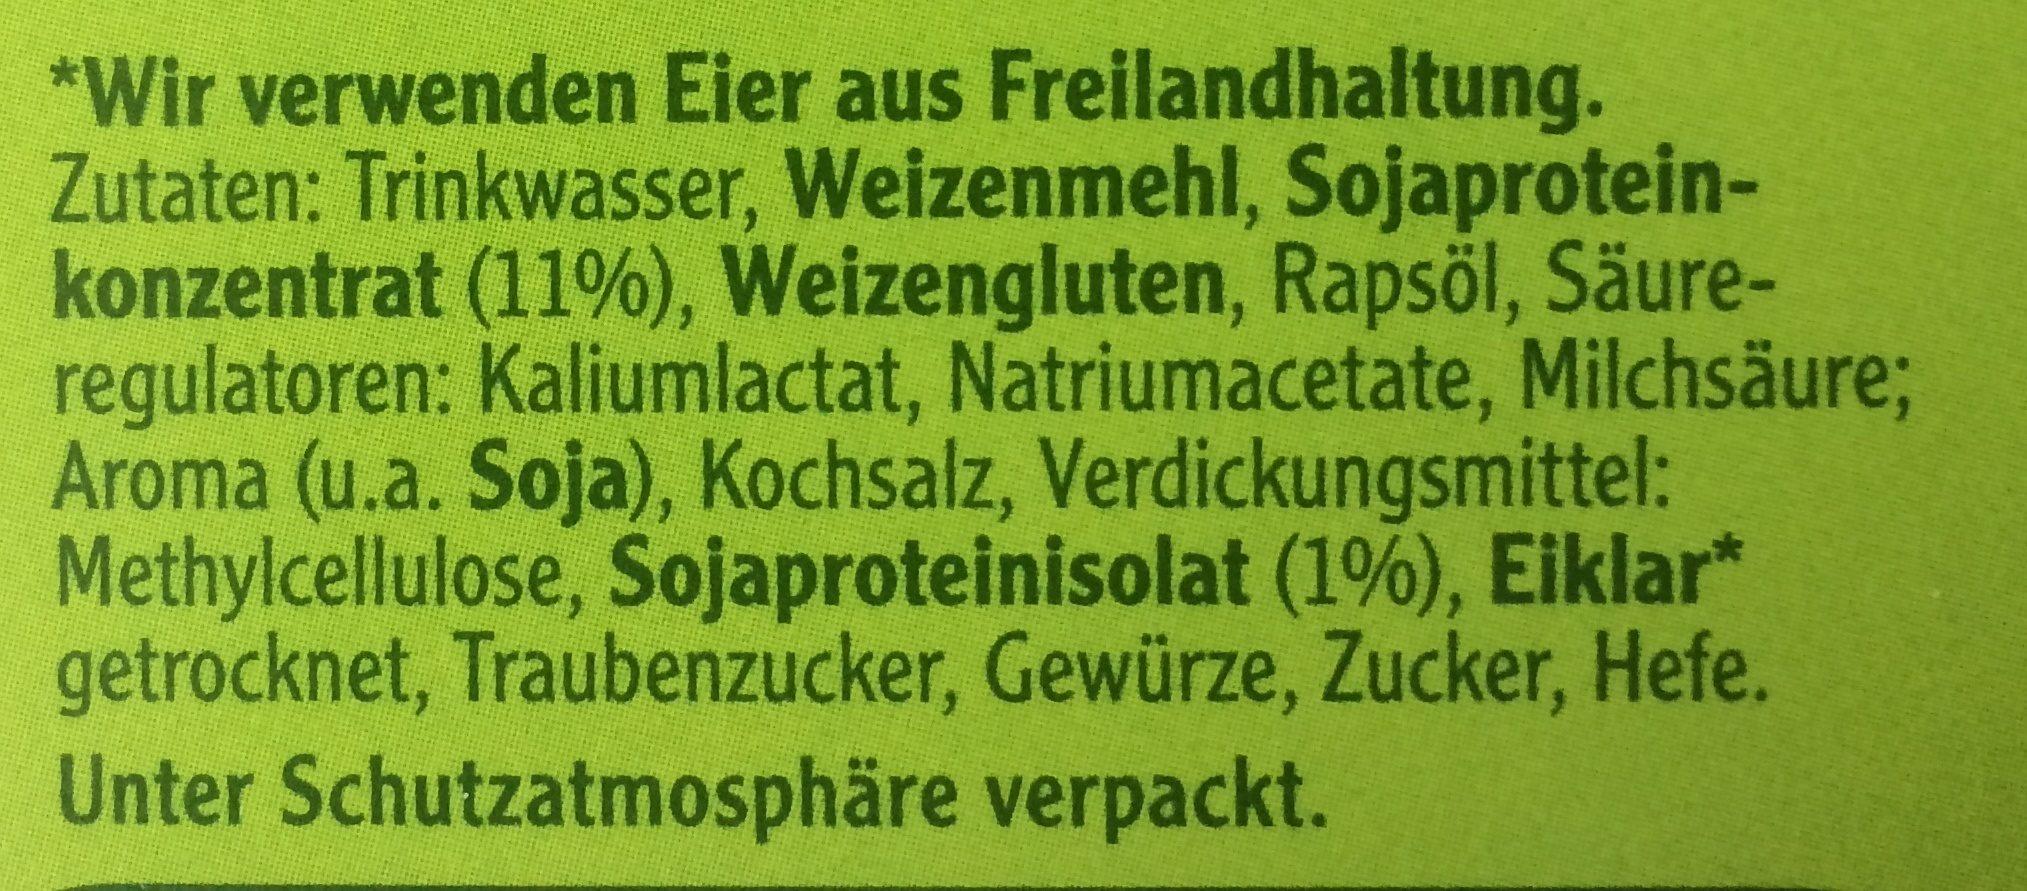 Vegetarische Mühlen Schnitzel Klassisch - Ingrédients - fr